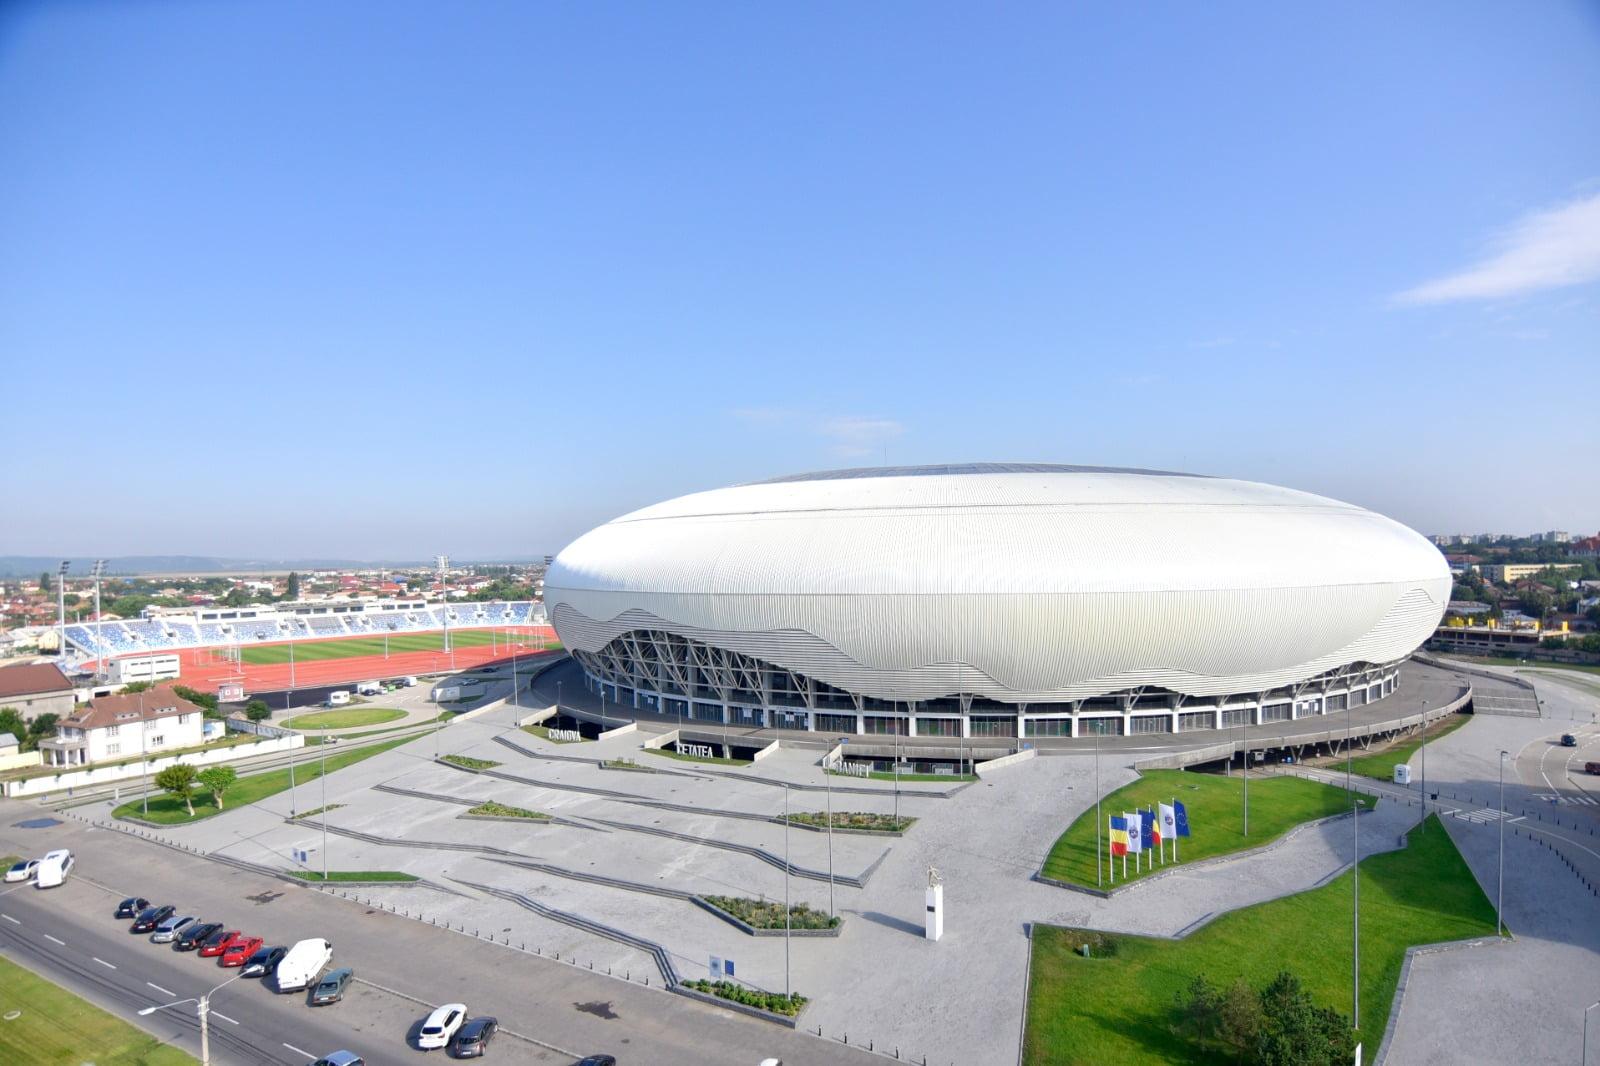 Stadionul craiovean de fotbal, CEL MAI FRUMOS DIN ROMÂNIA